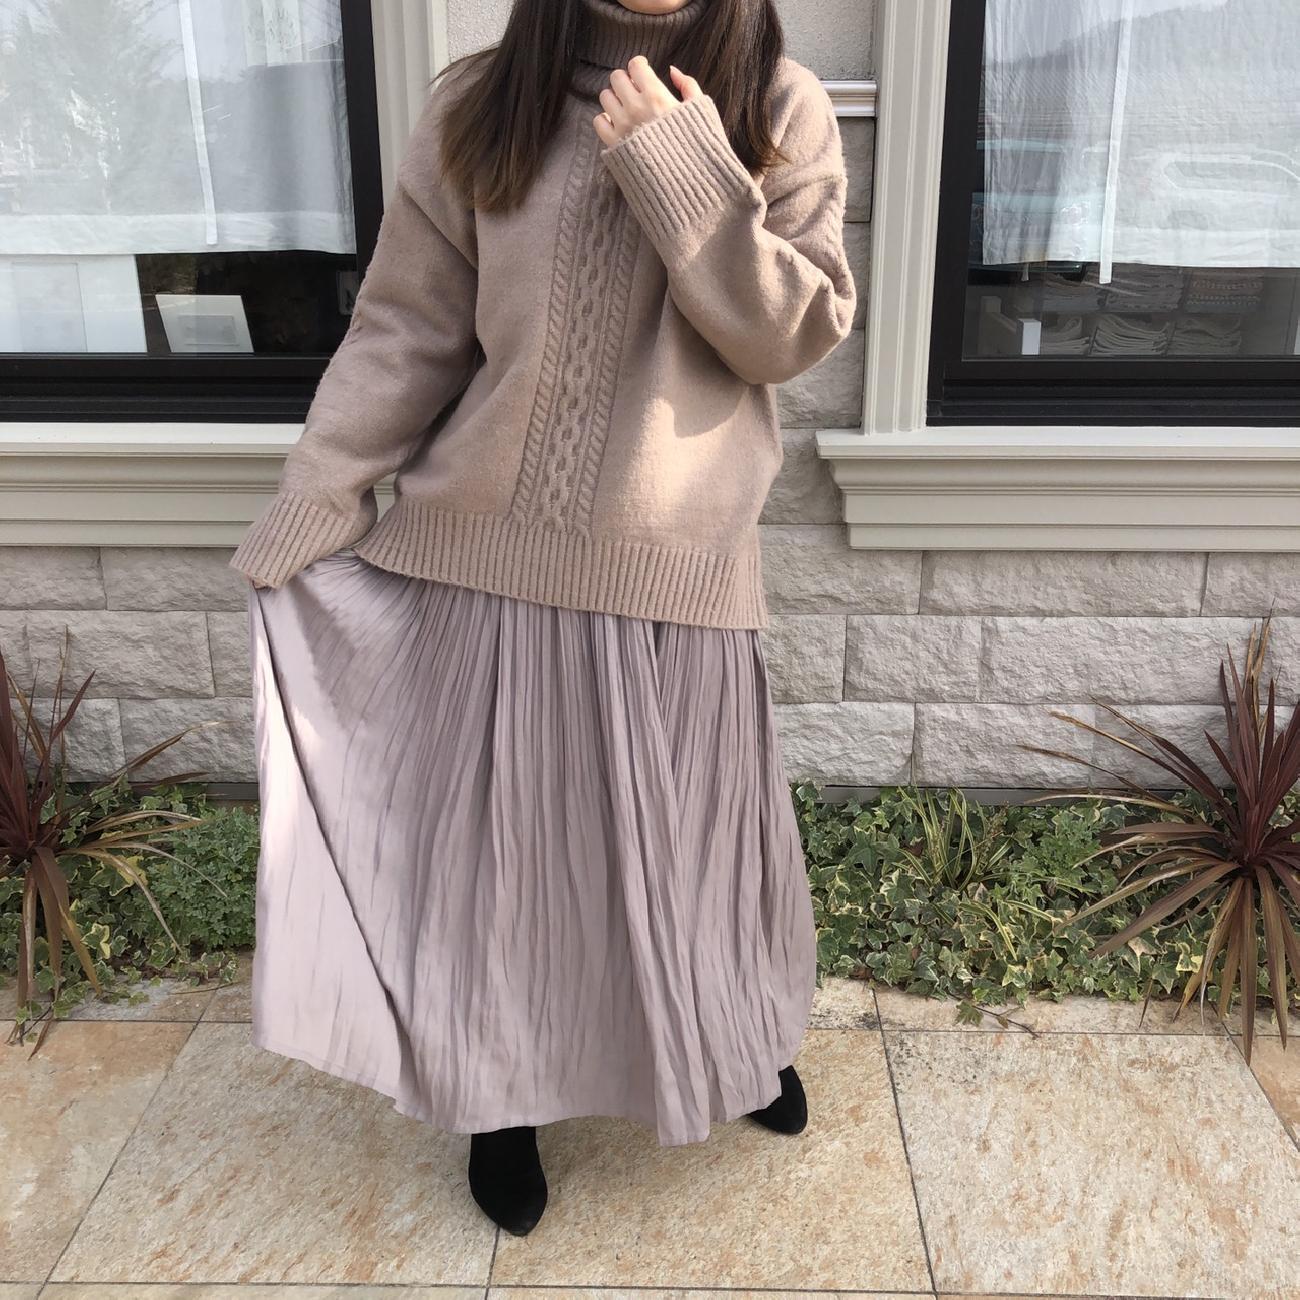 コーデ/lコーディネート/冬/ファッション/雑貨屋/津山/岡山